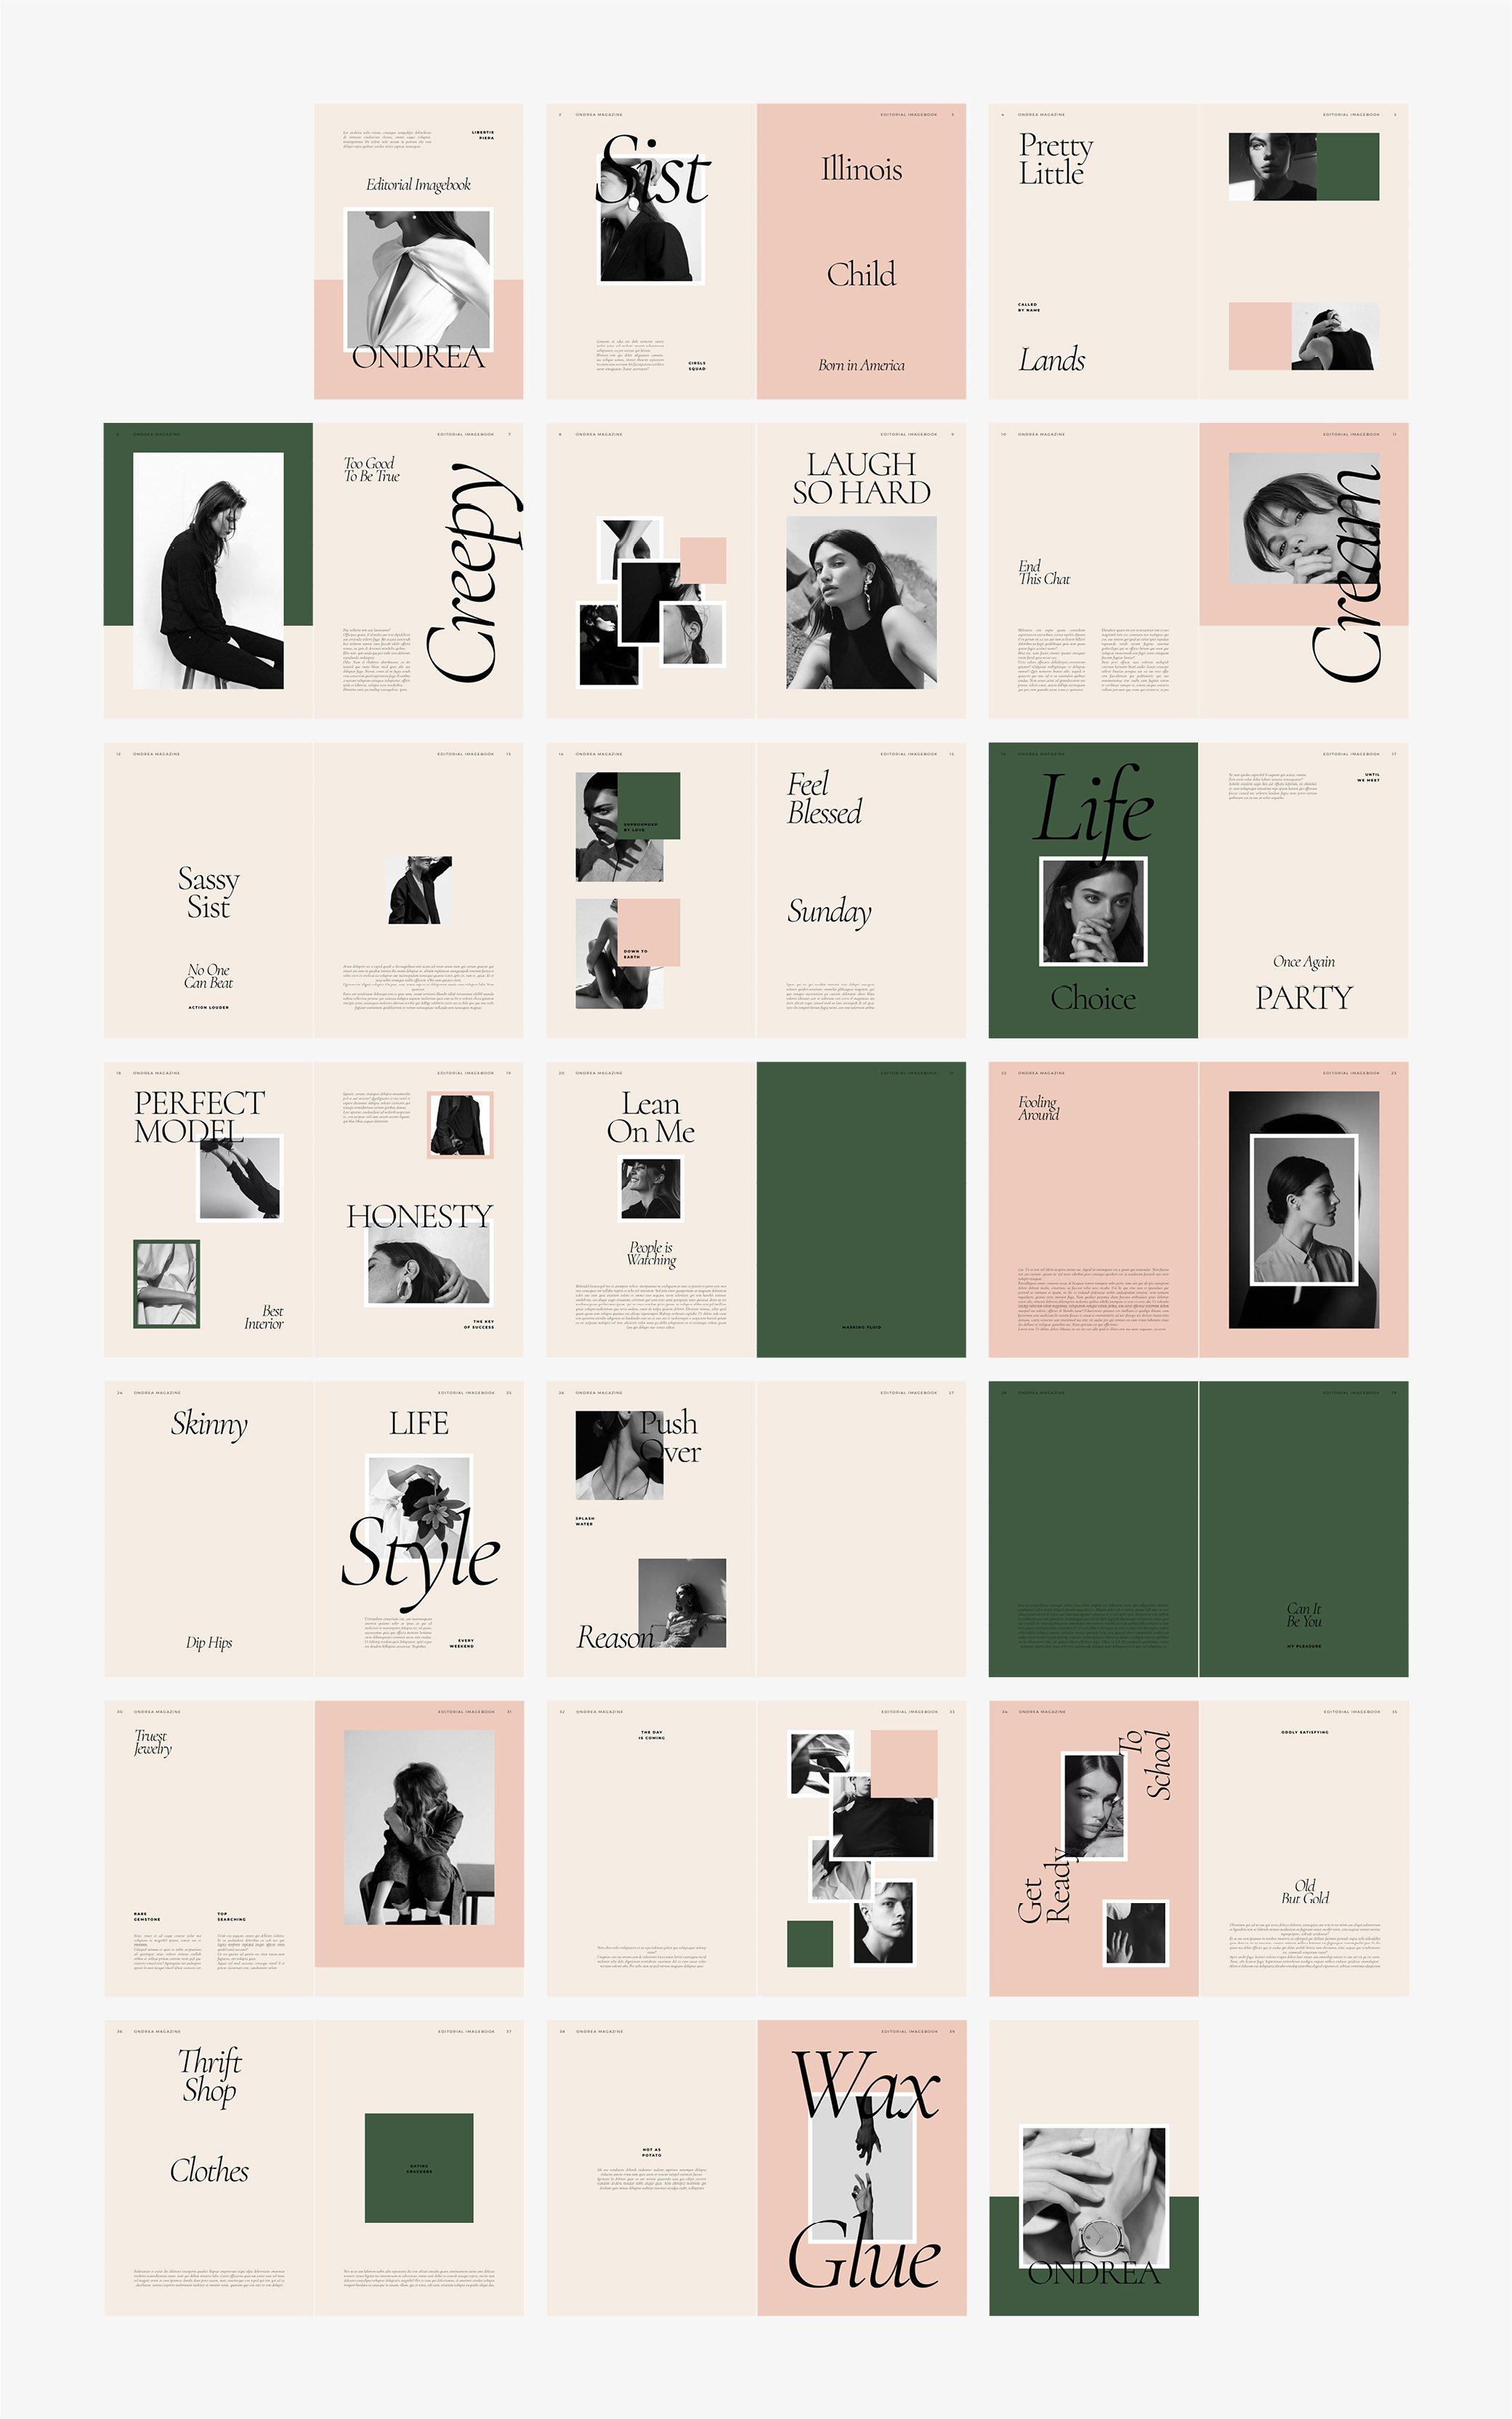 时尚服装设计作品集INDD画册模板 ONDREA Editorial Imagebook插图(6)